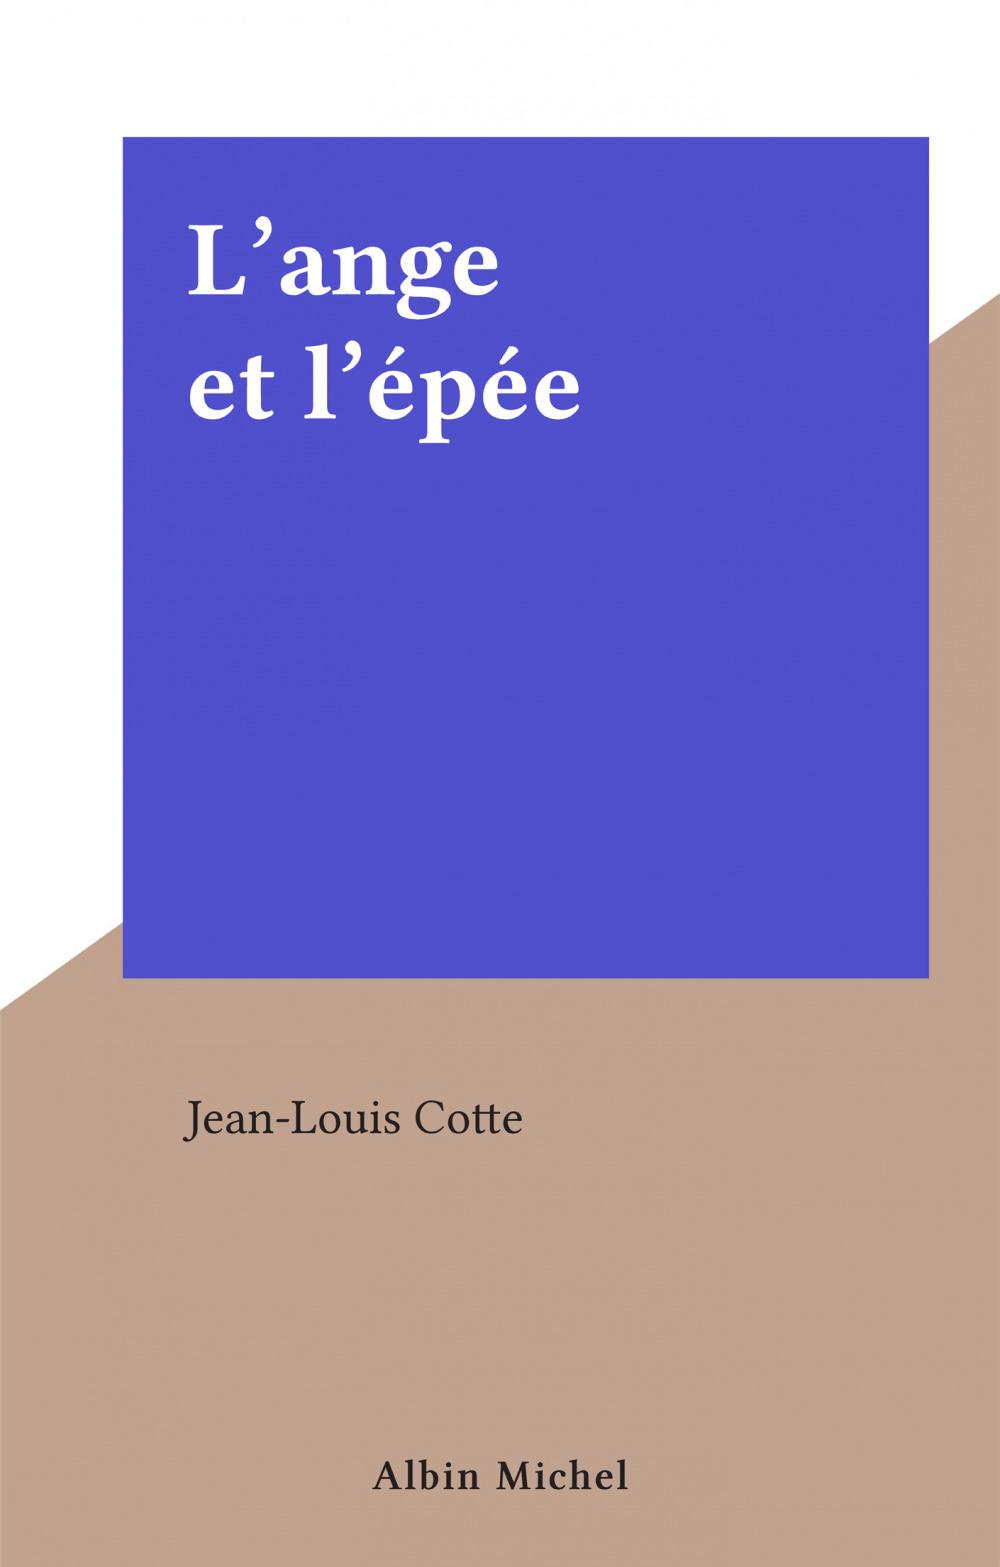 L'ange et l'épée  - Jean-Louis Cotte